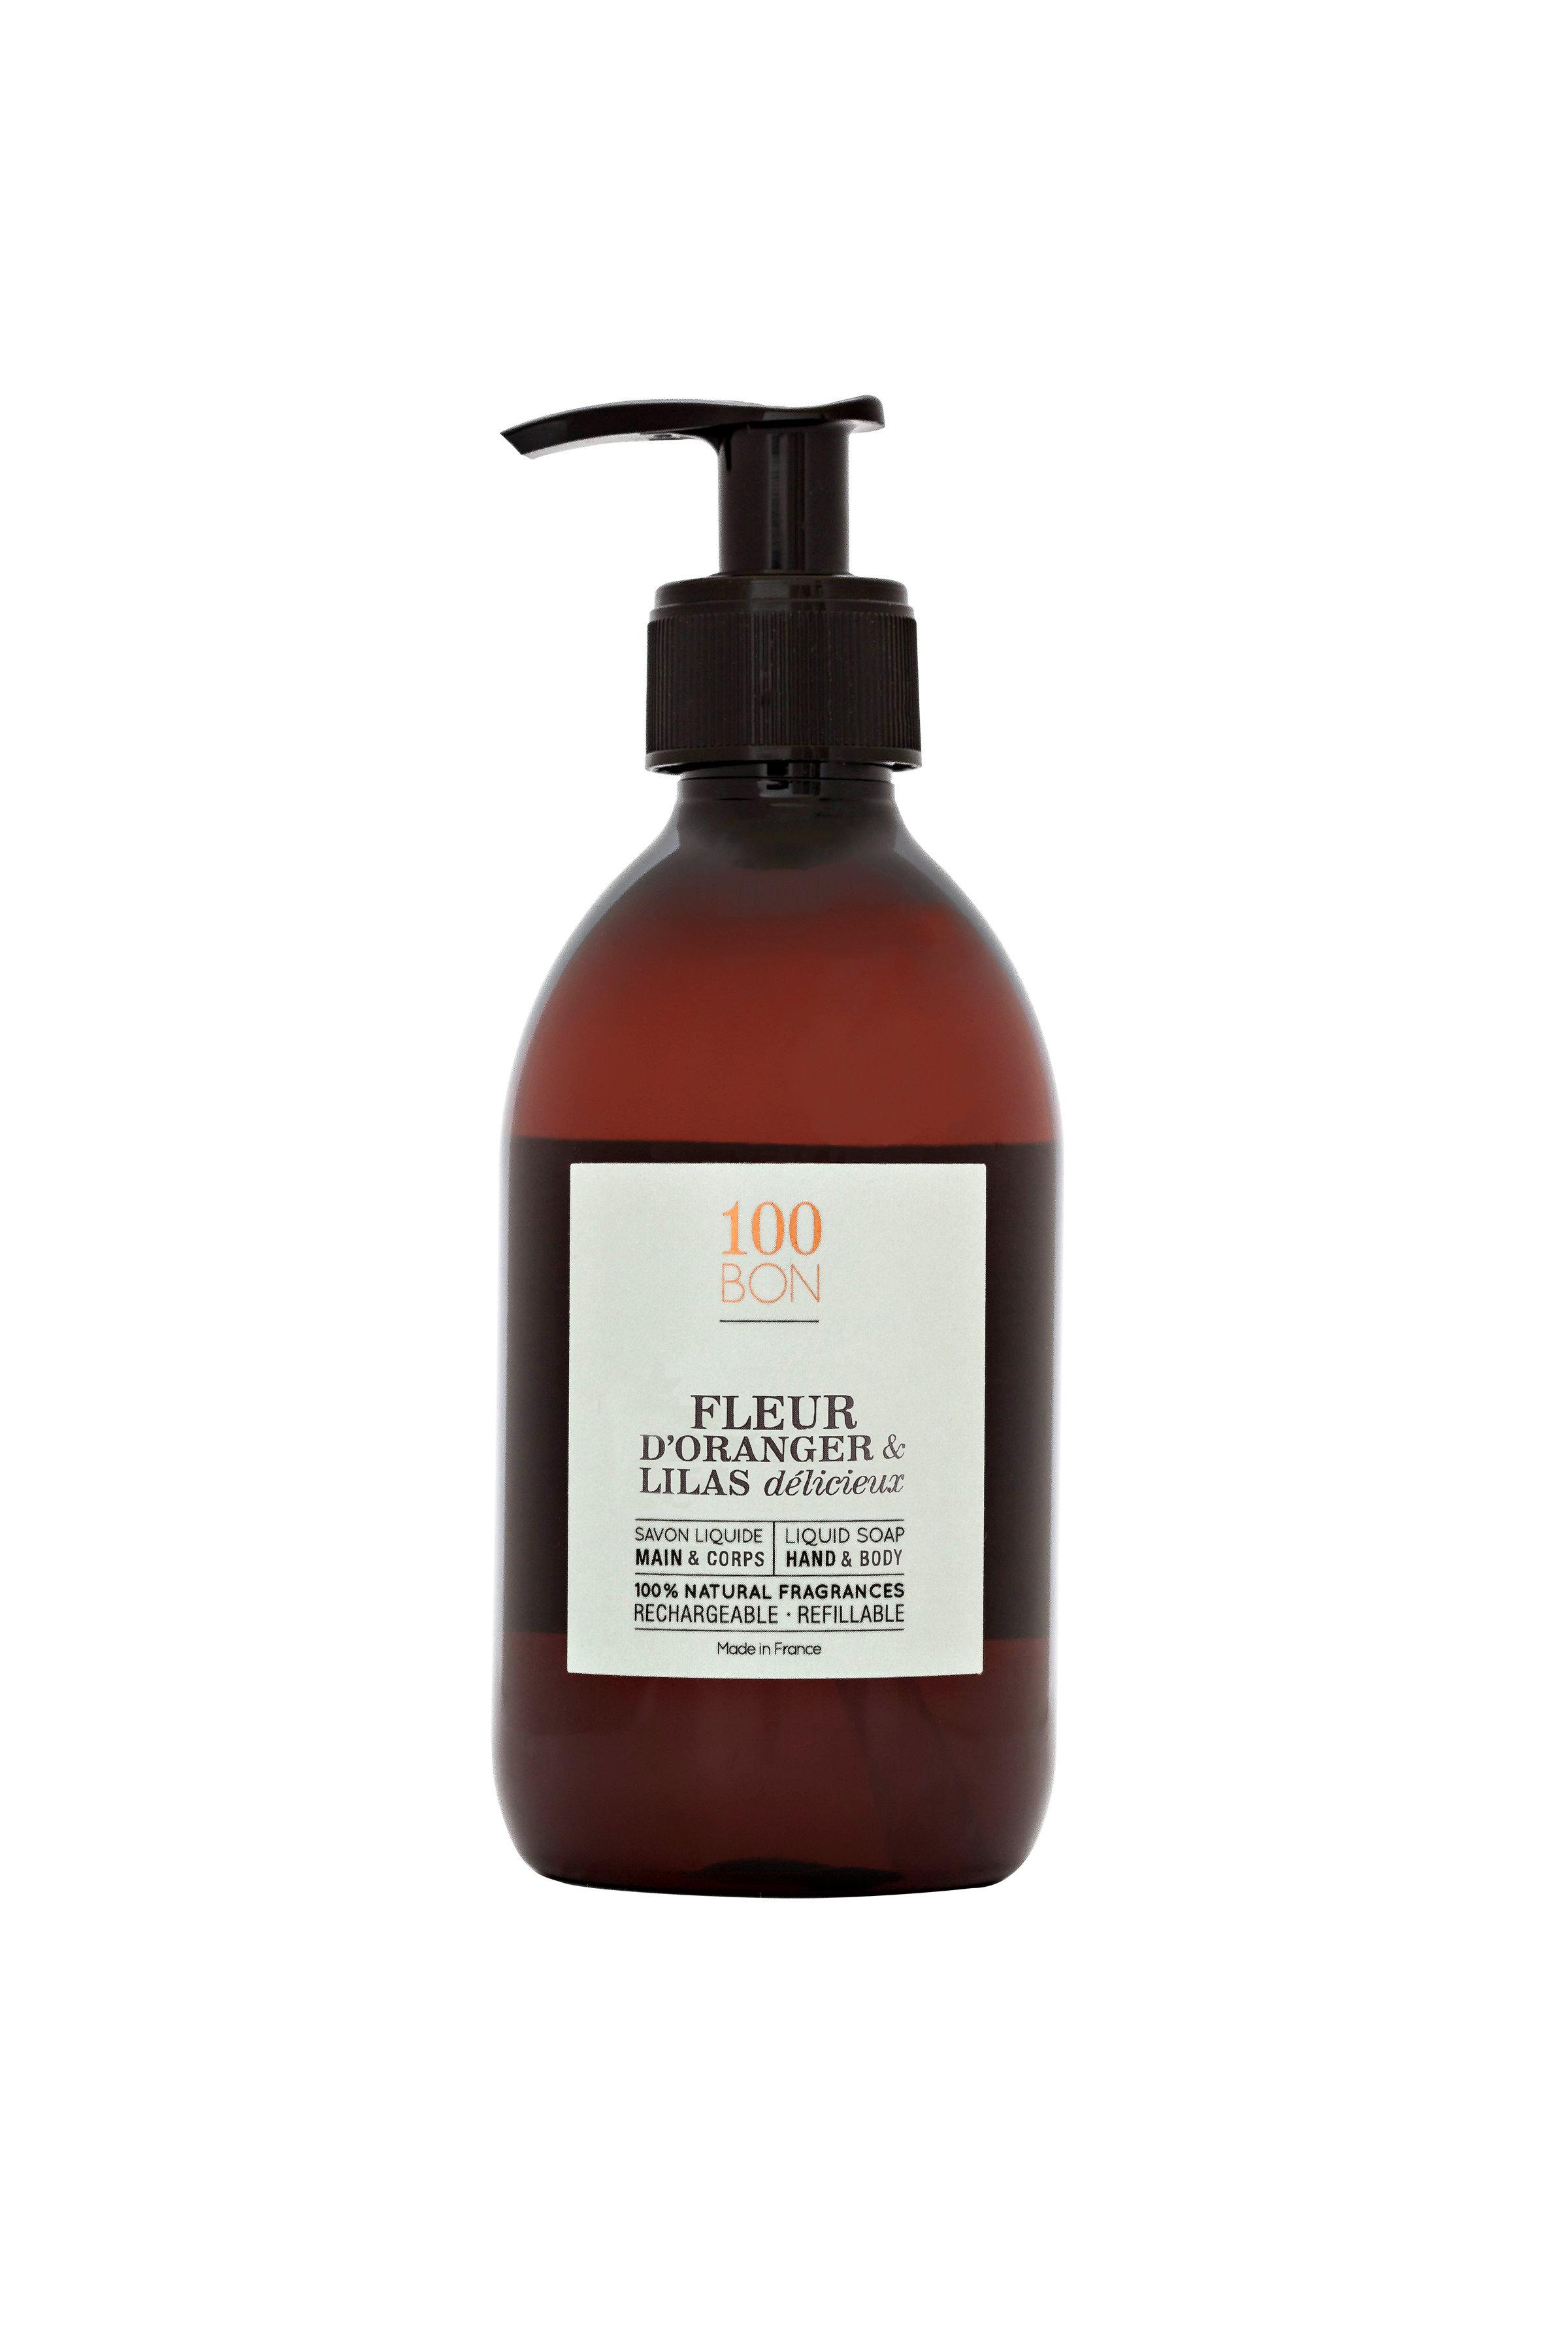 Bilde av Fleur D'oranger & Lilas Délicieux Liquid Soap 300 Ml